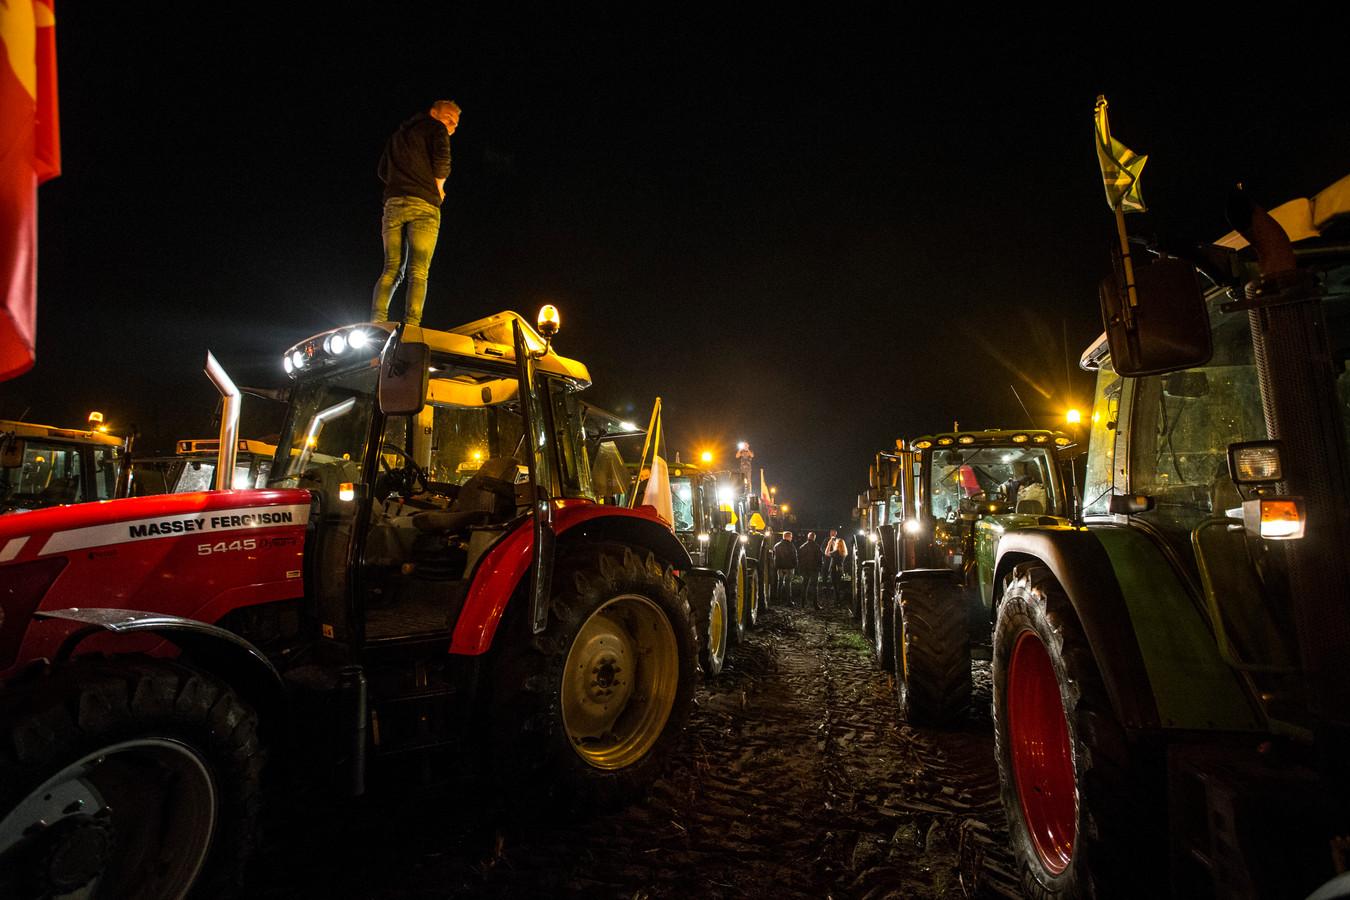 Foto uit Oktober. Boeren trokken toen vanuit de Achterhoek volop naar het Malieveld tijdens de boerenprotestacties in Den Haag.